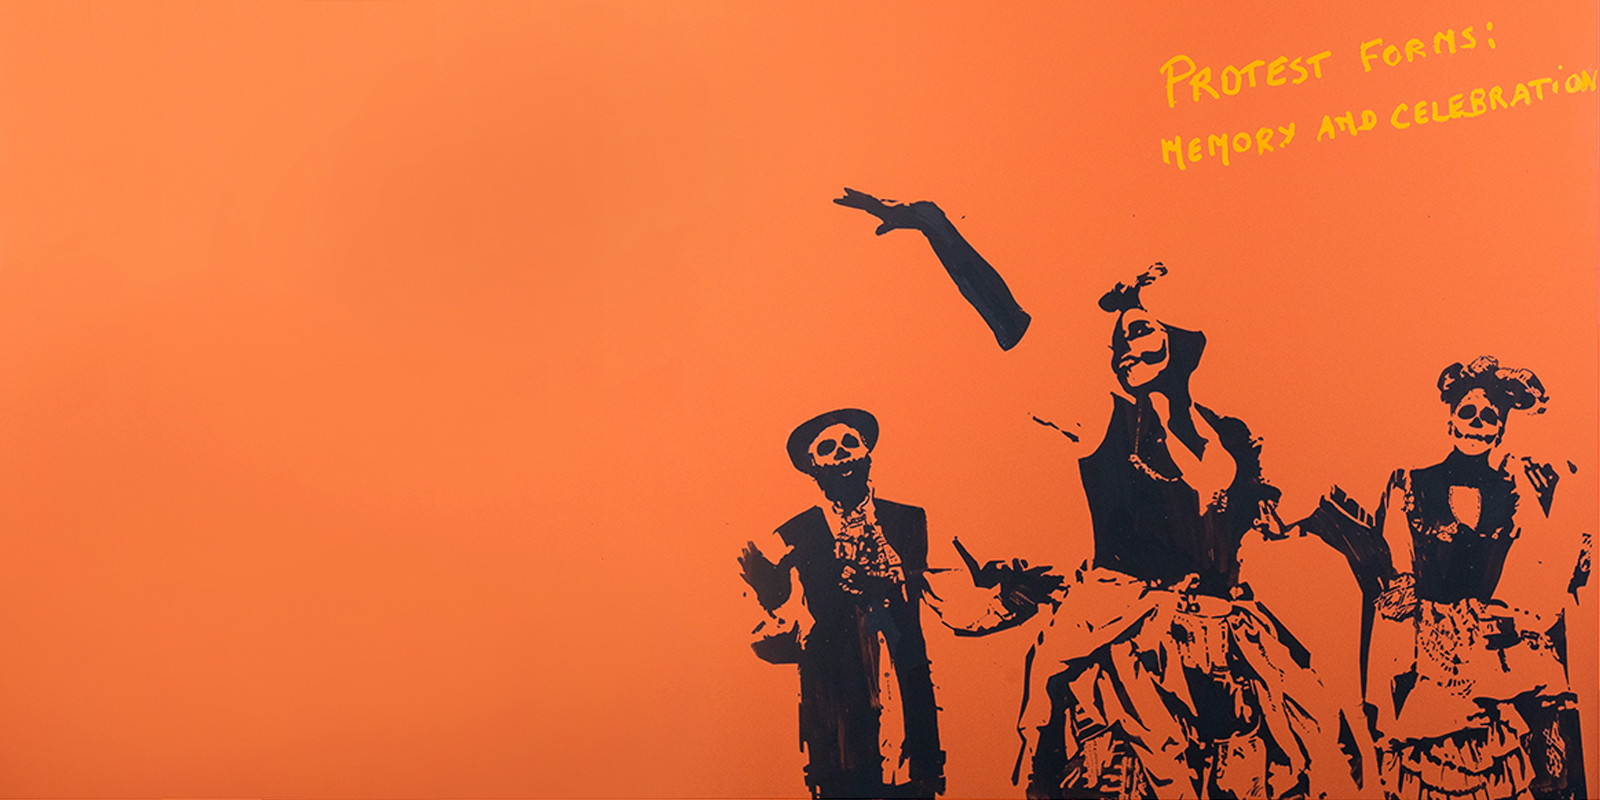 Marinella Senatore | Protest Forms #3 (Detail) | 2013 | Lacquer on Canvas | 100 x 70 cm